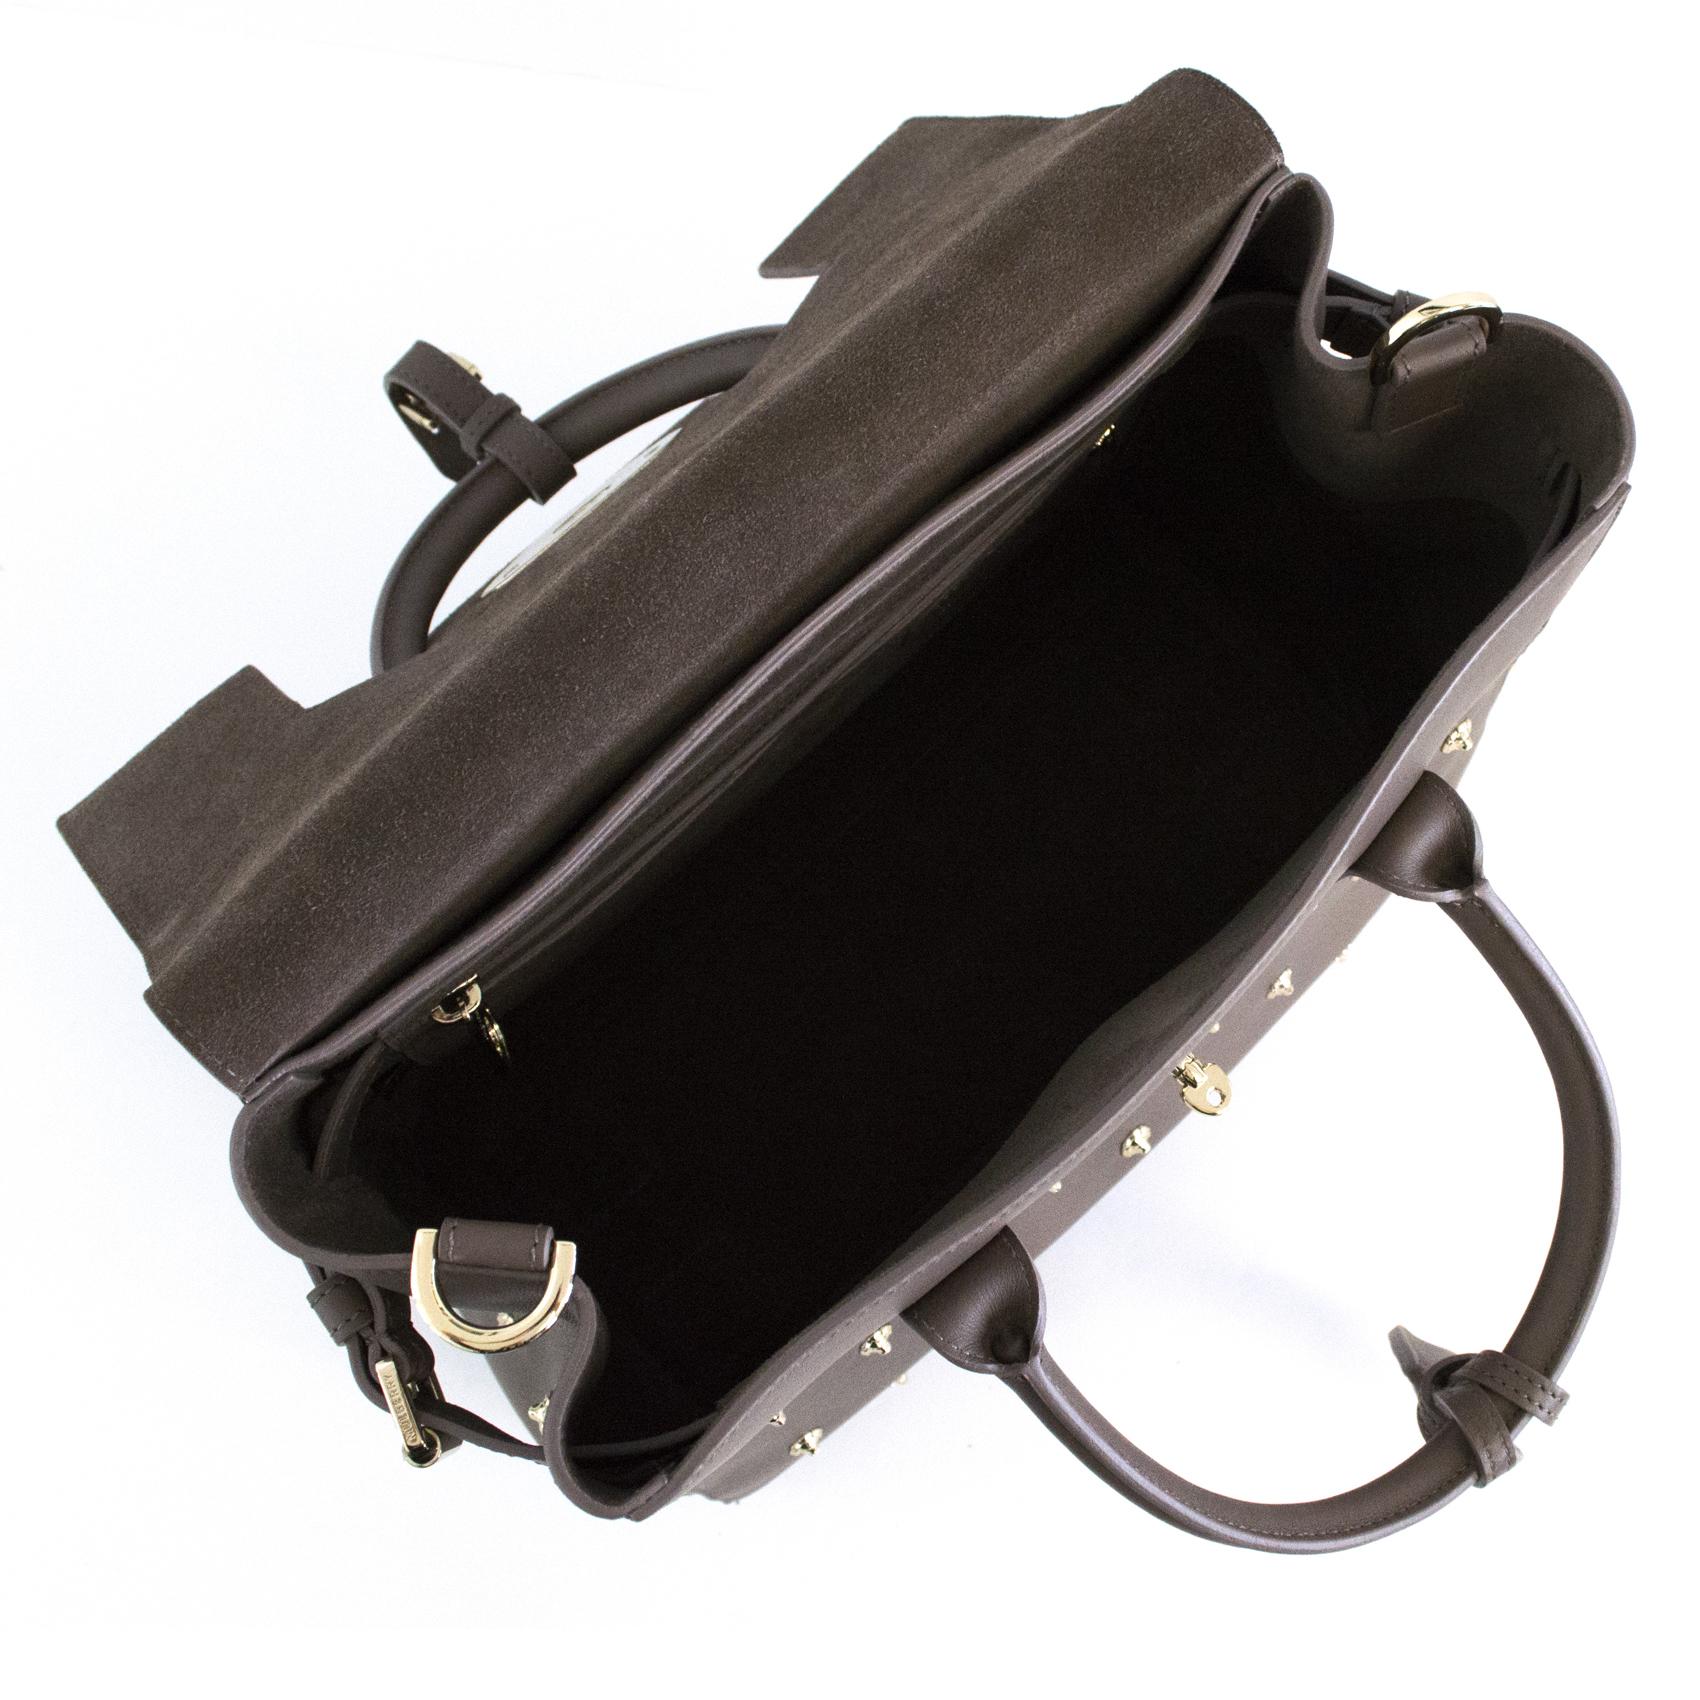 Mulberry Cara Delevingne bag with lion rivets - Unique. 21. 12345678910 b099c53c91571